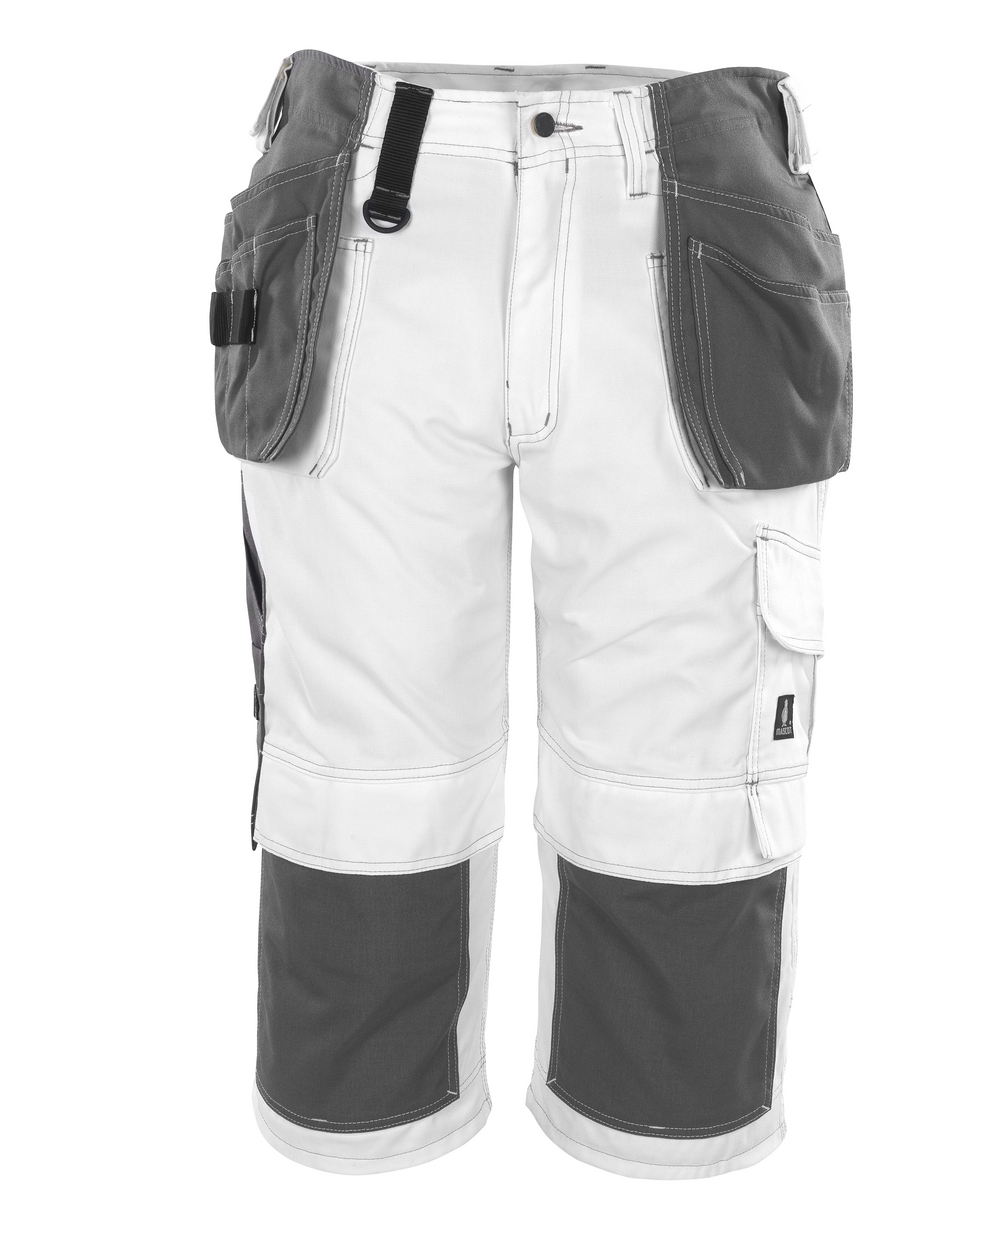 08349-154-06 Knickers med knæ- og hængelommer - hvid